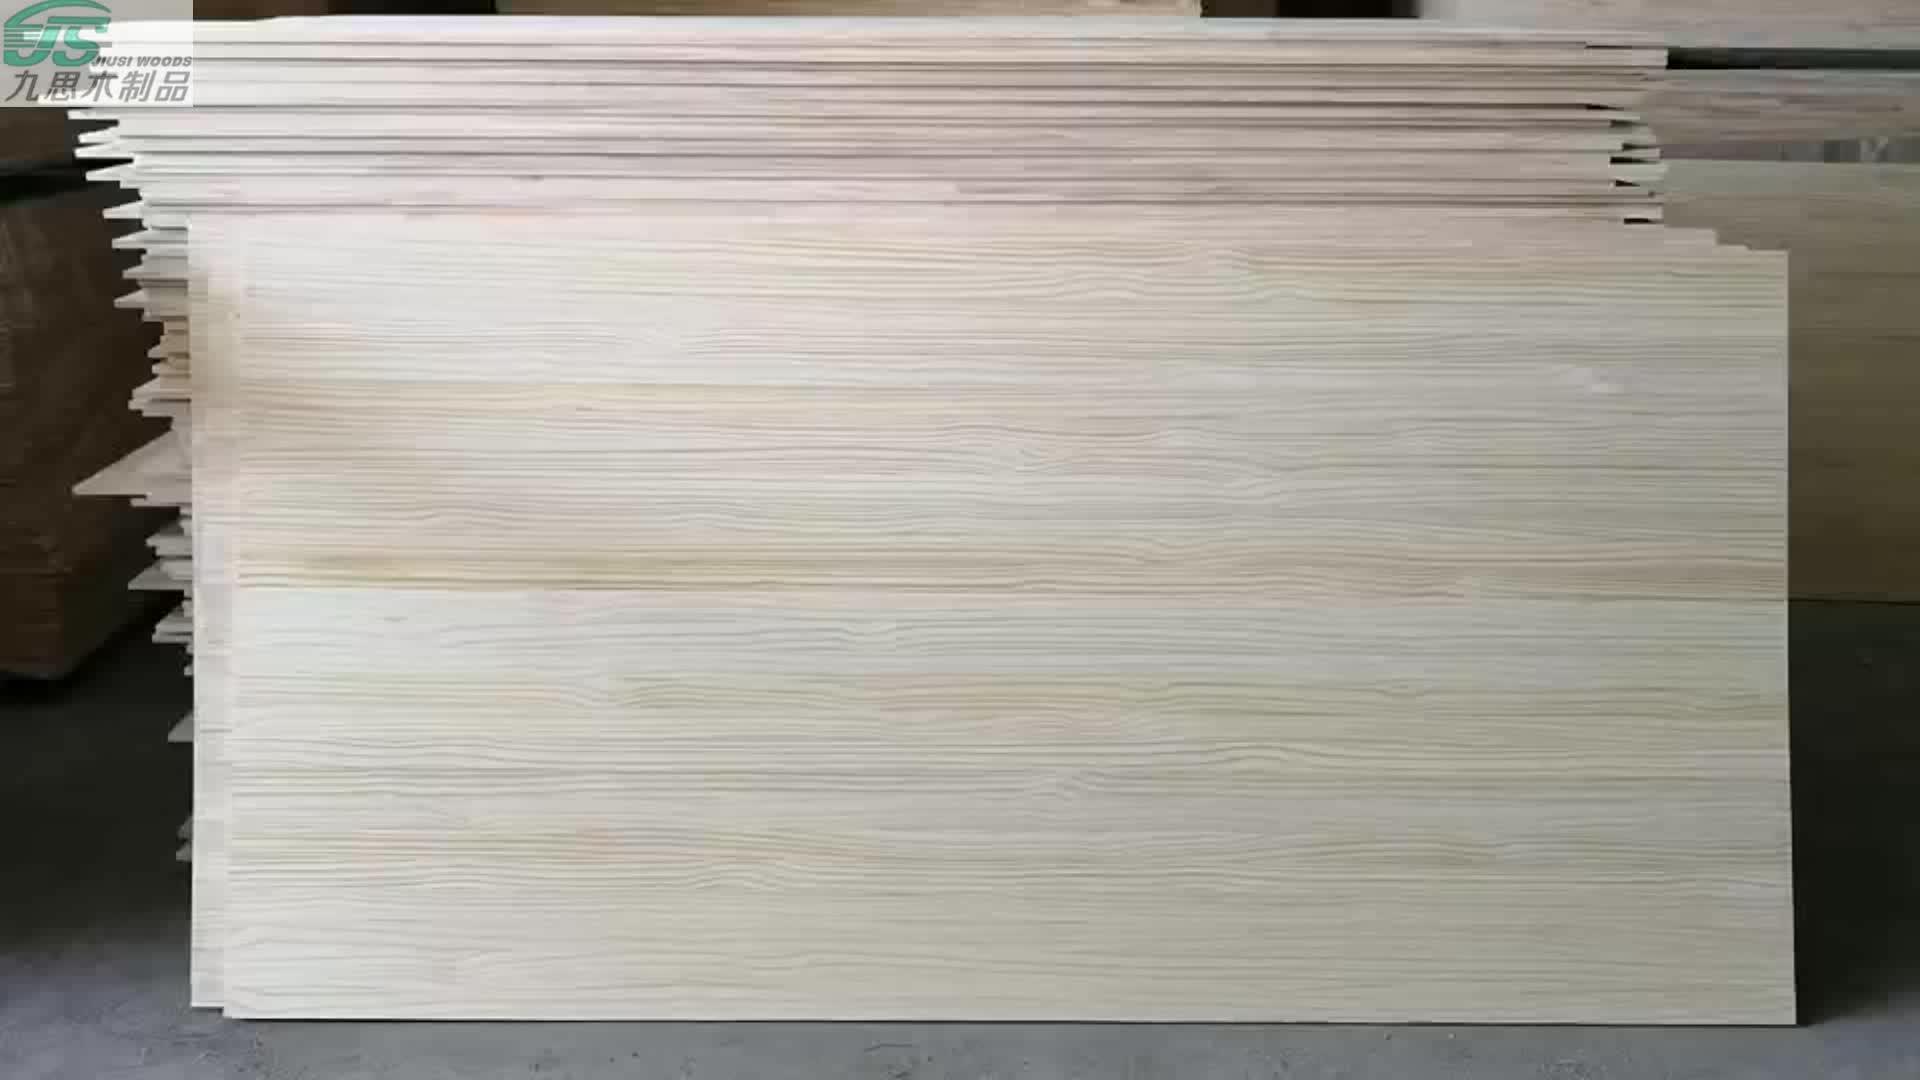 Custom pine wood edge glued board